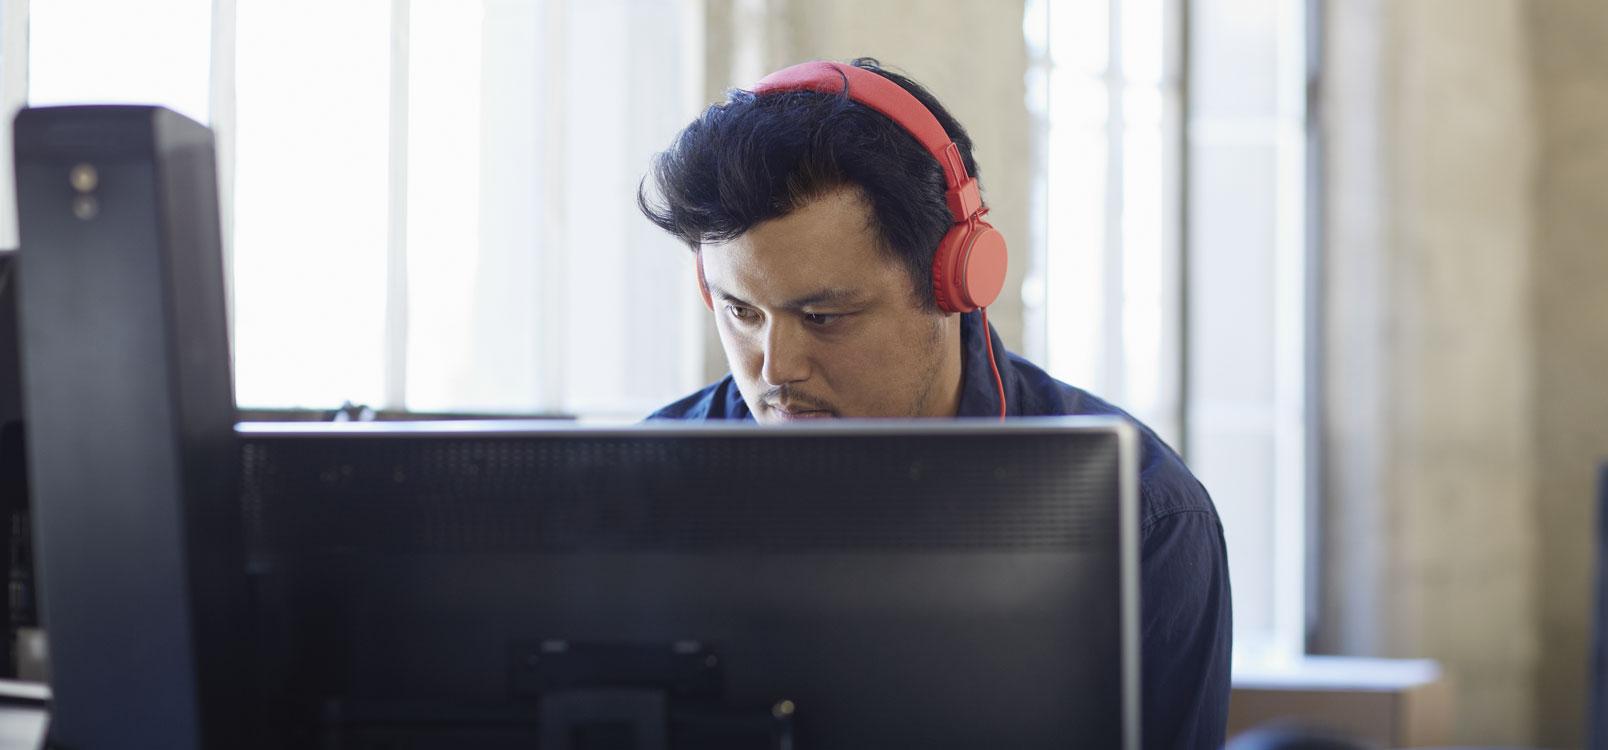 Muškarac sa slušalicama radi na stolnom PC-ju te koristi Office 365 radi pojednostavljivanja IT-a.